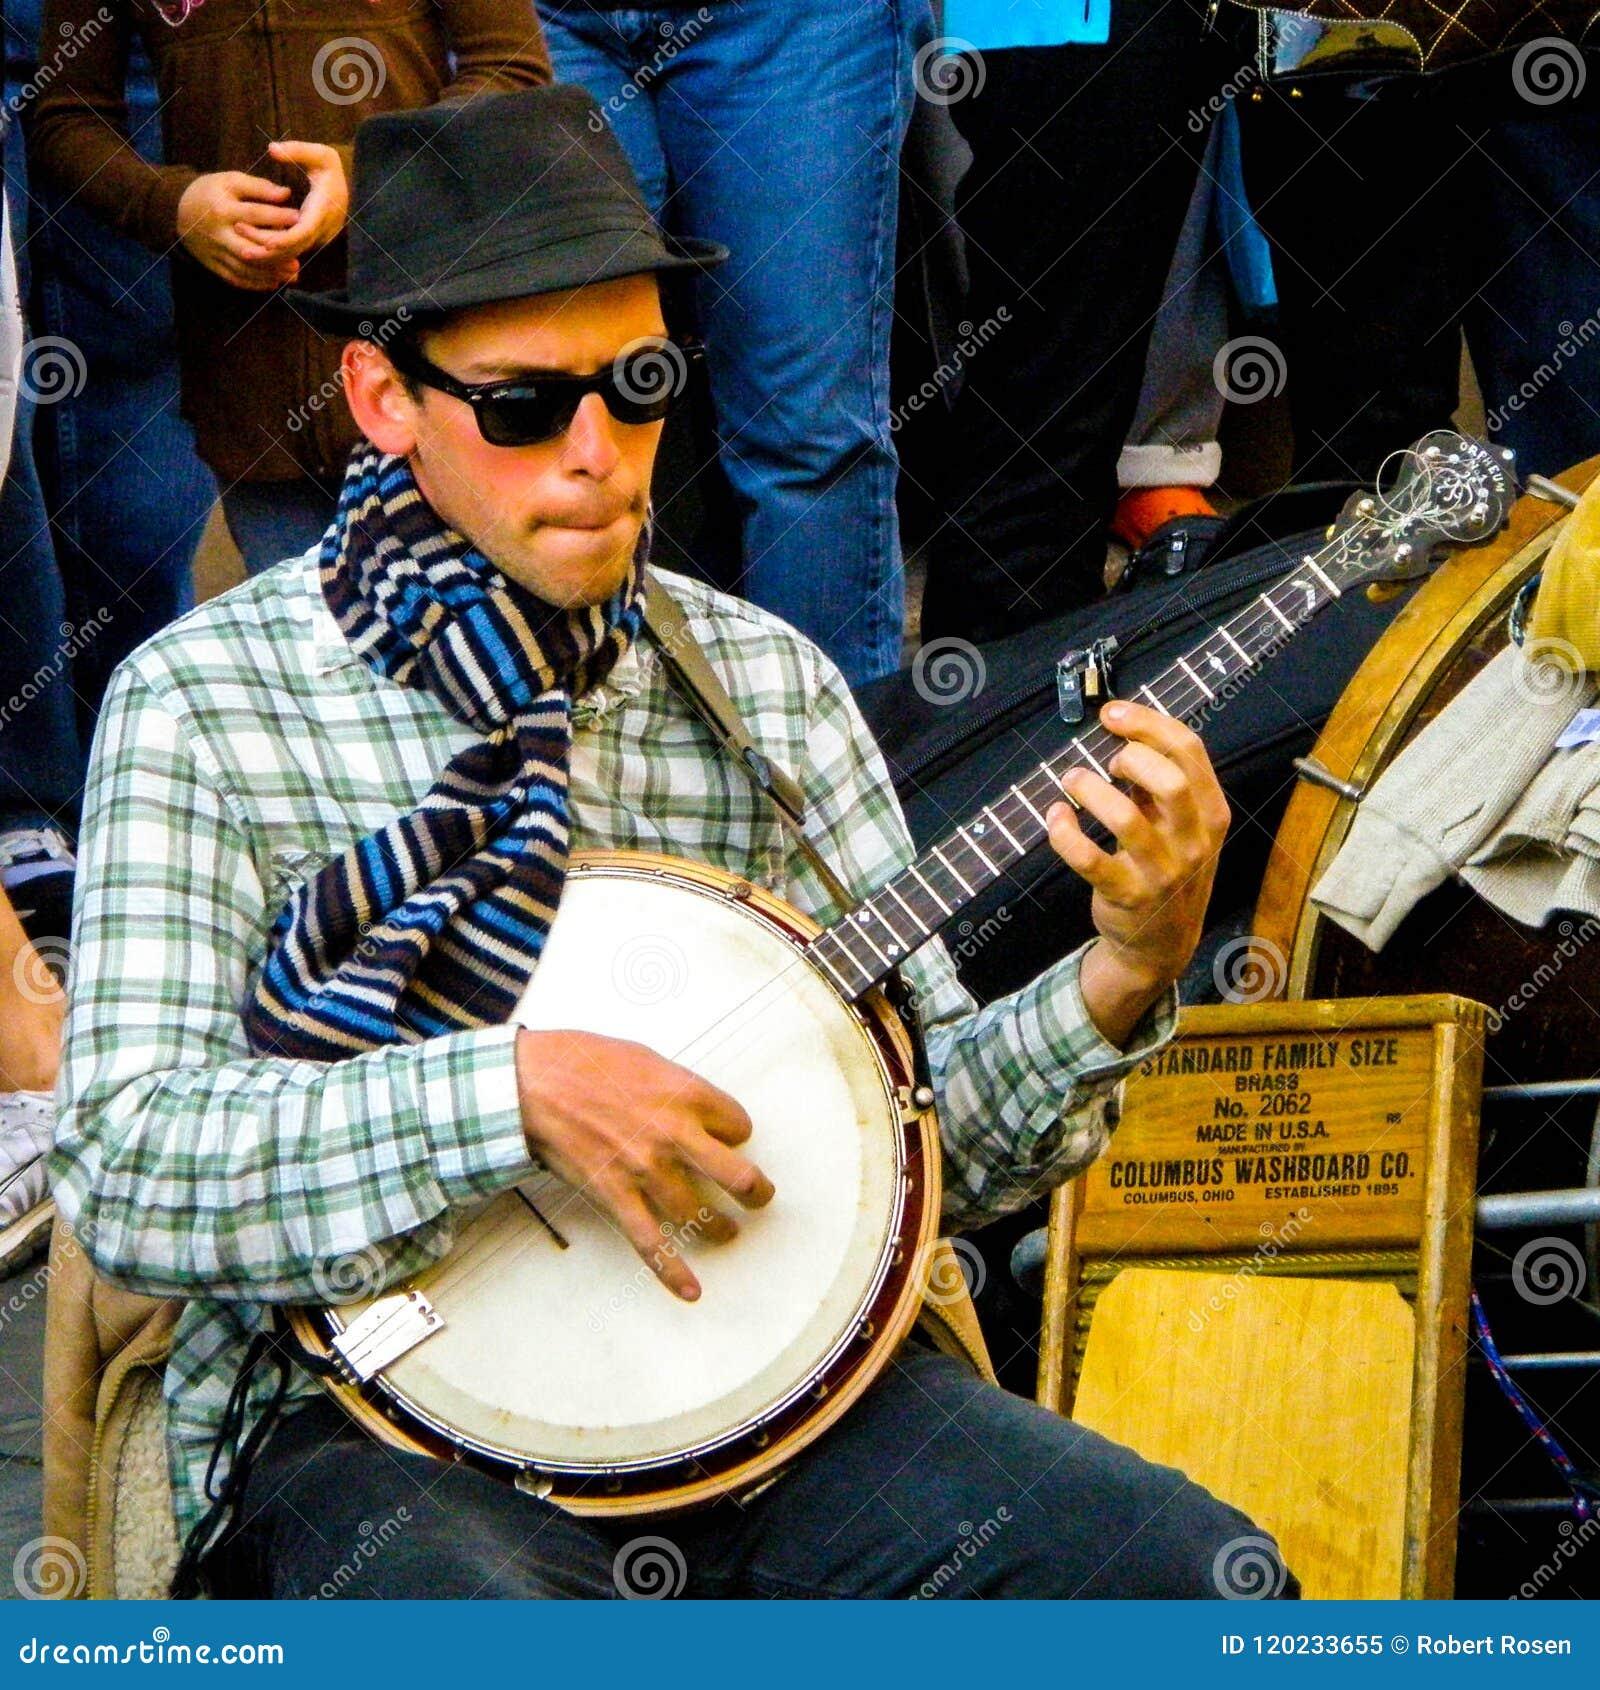 Il giocatore del banjo dalla banda ha chiamato Tuba Skinney